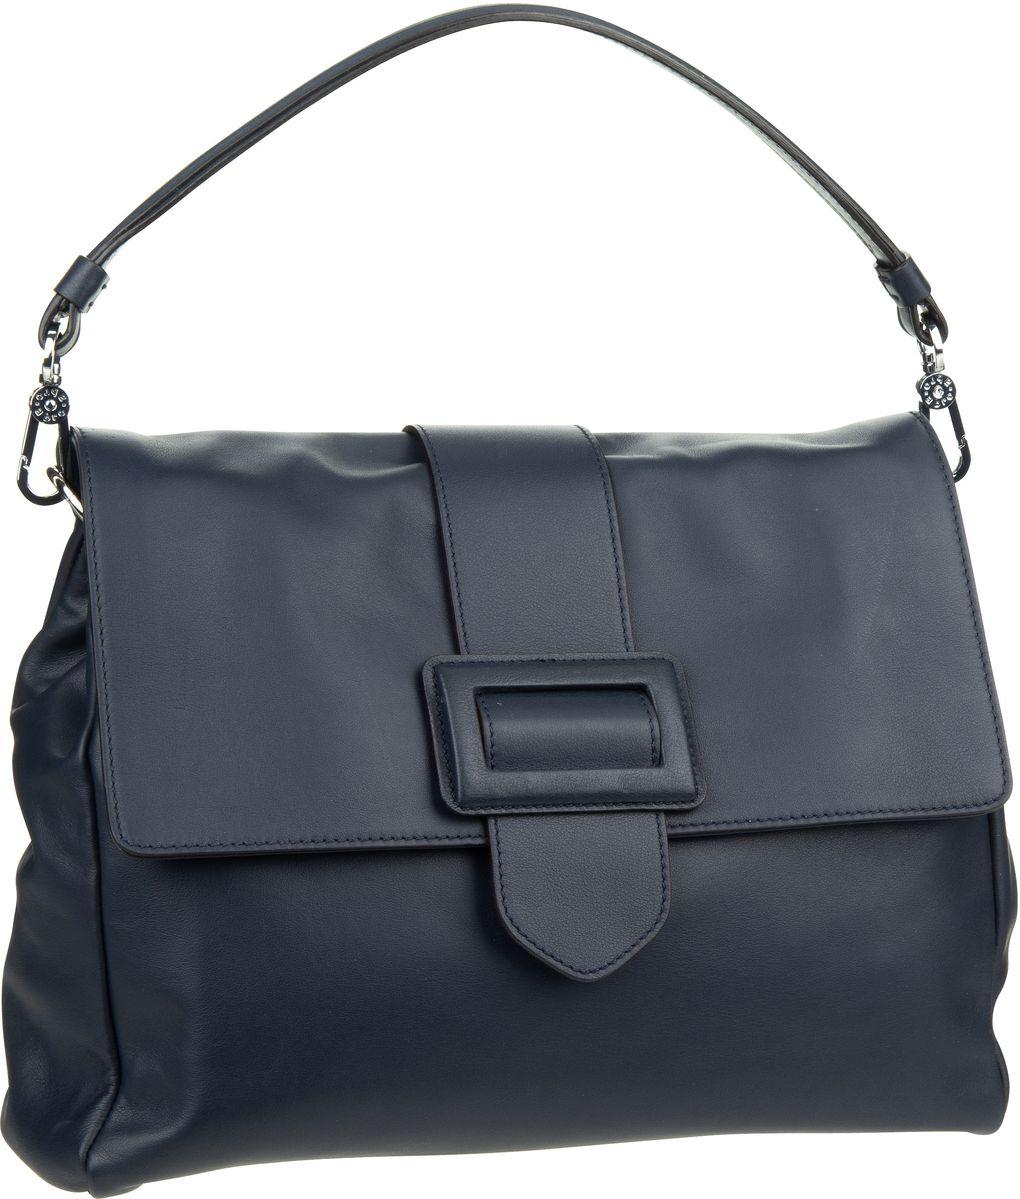 Handtasche Nappa Lotus 28280 Navy